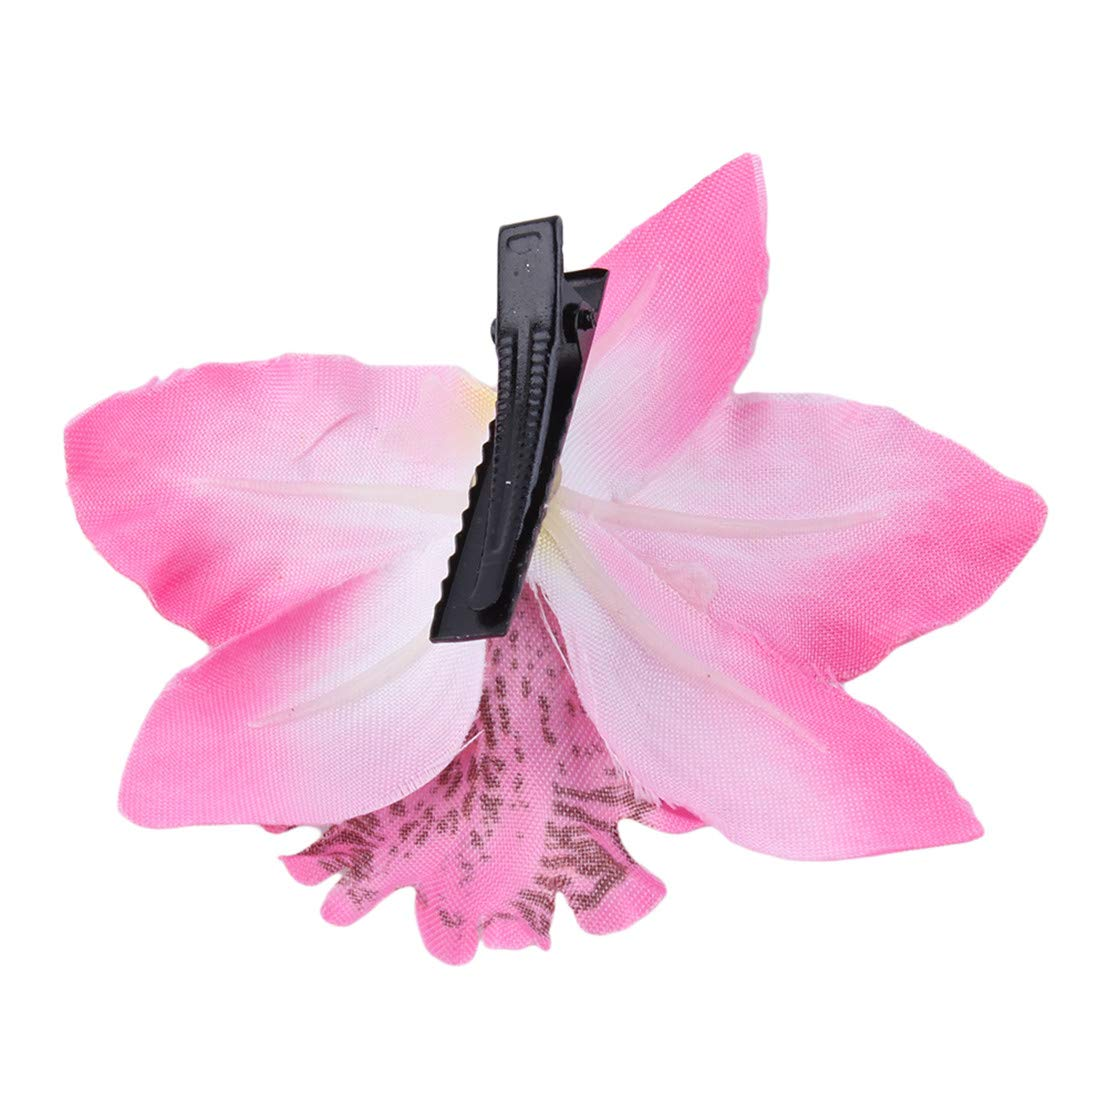 KUHRLRX Haarnadel Blume Haarspange Braut Strand Hochzeit Haarschmuck Multicolor Doppel Orchidee Haarspange Blau